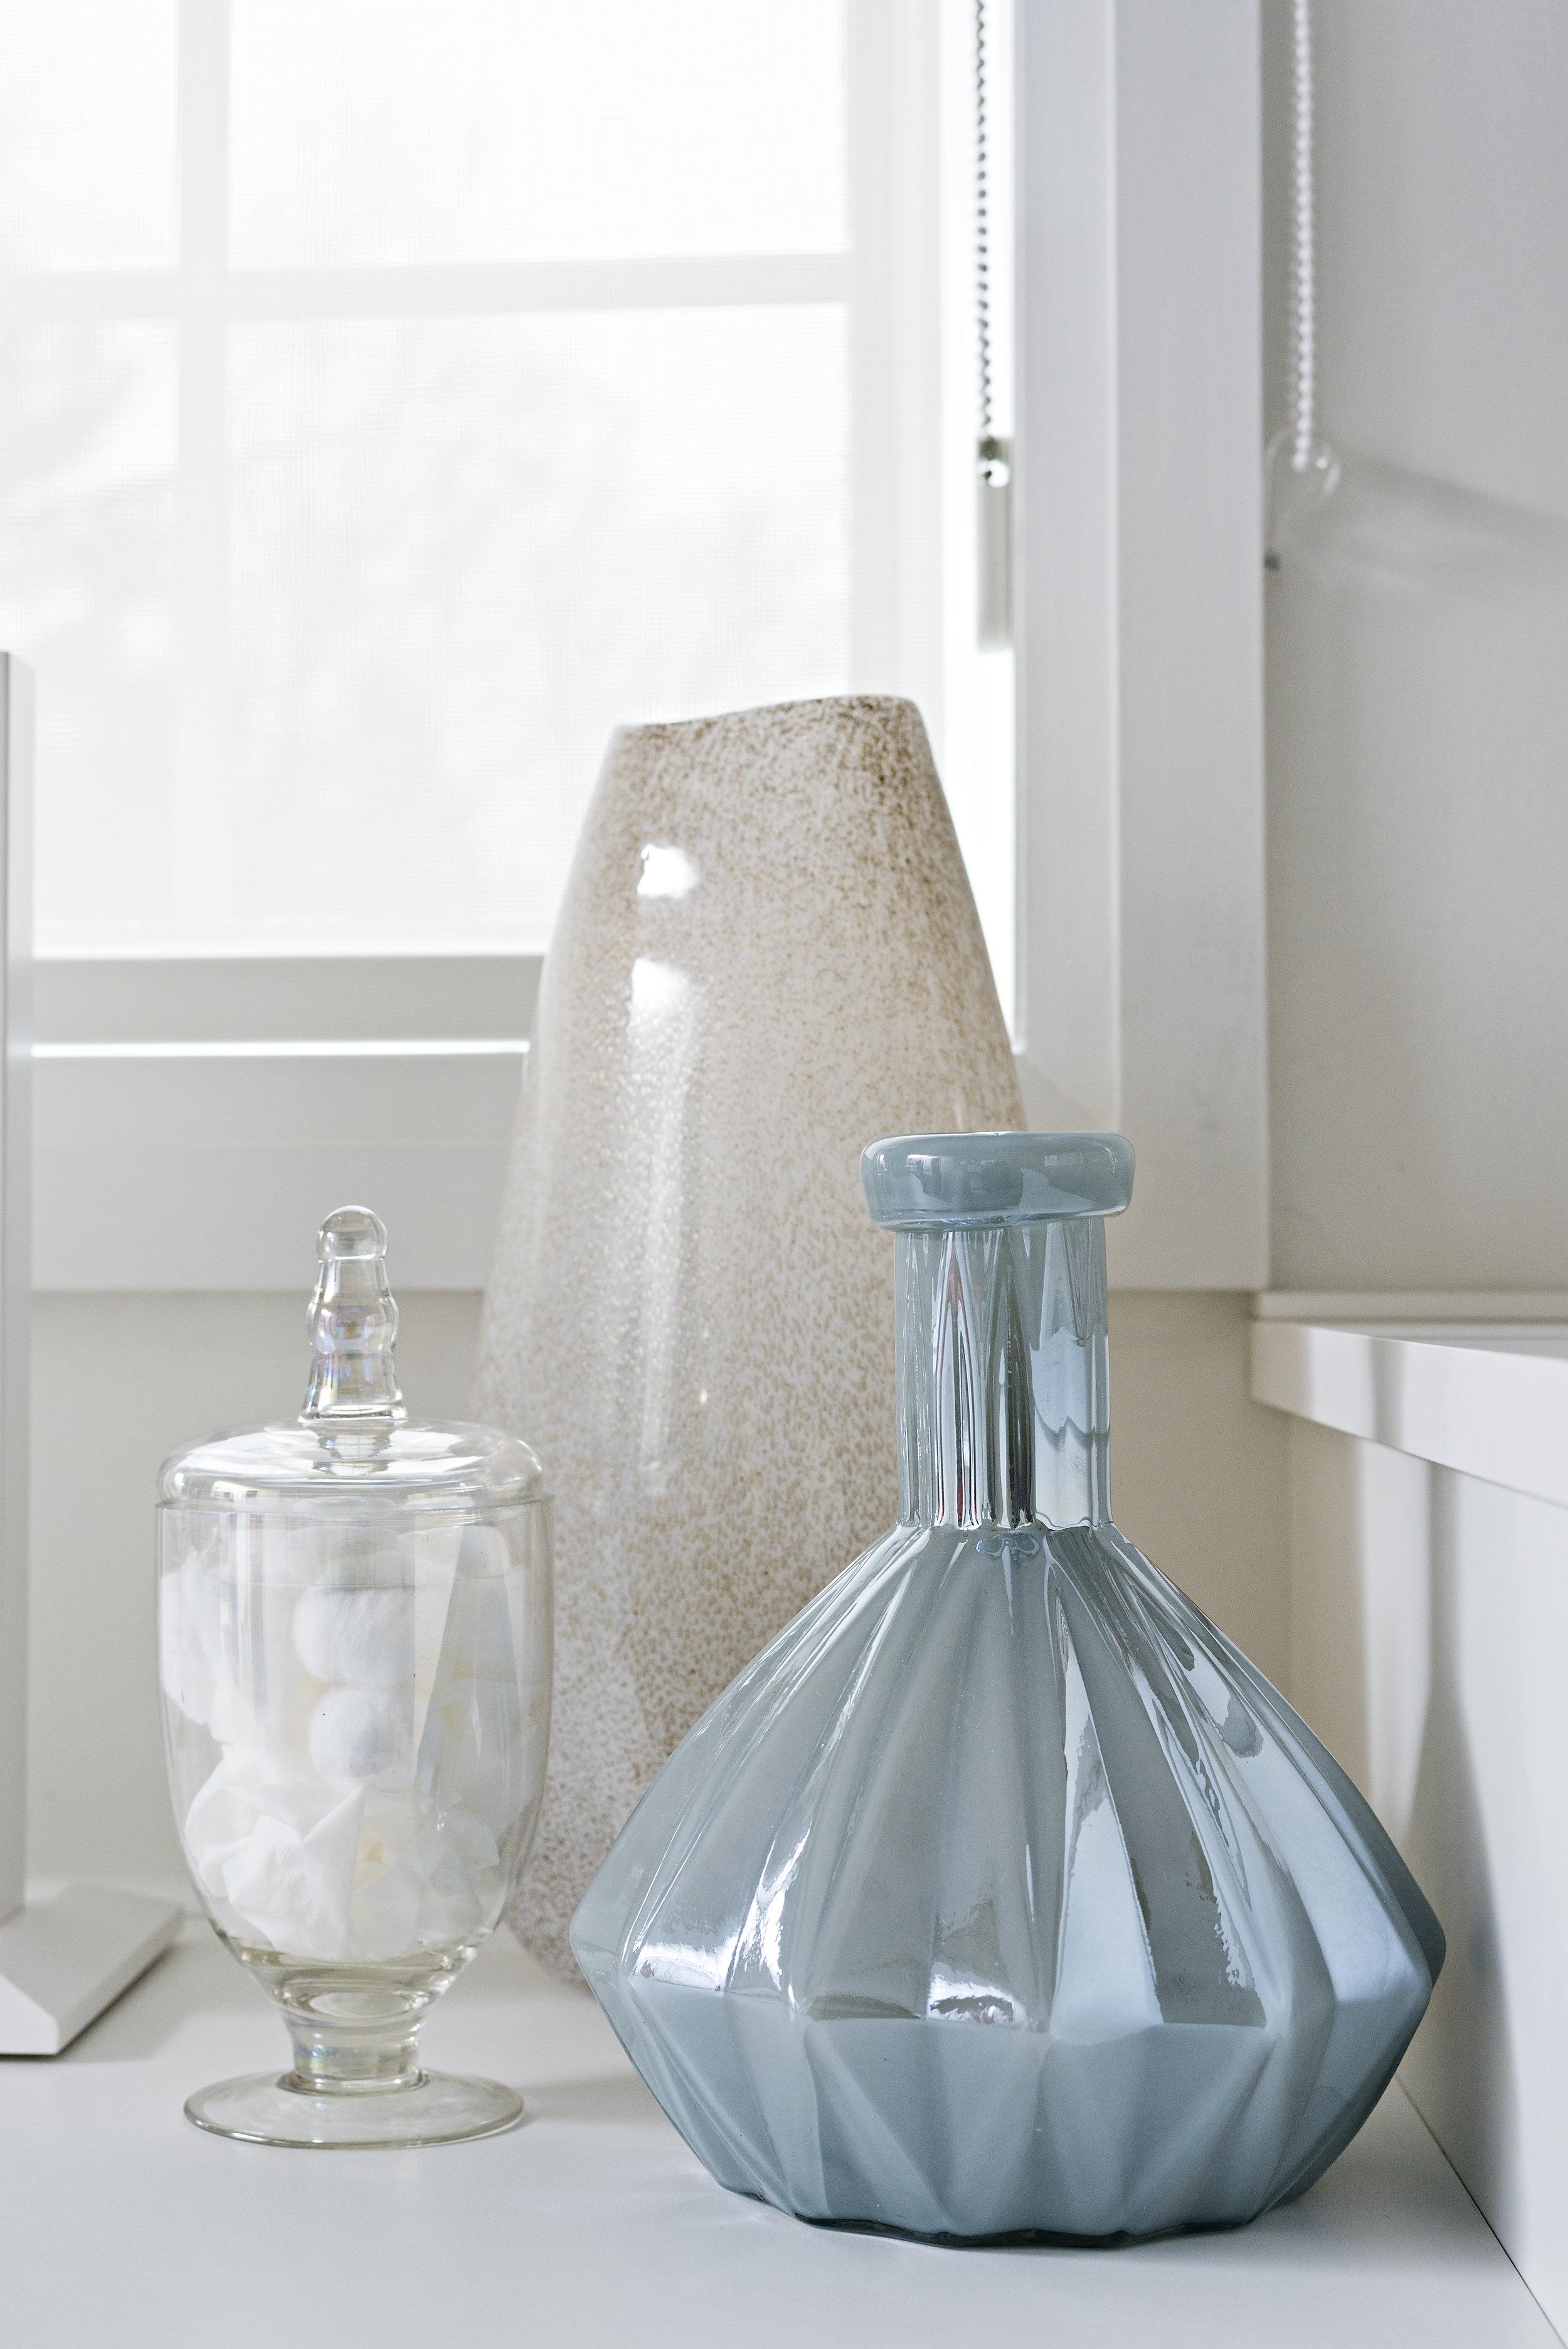 pizzale design interior design accessories accessorizing decor blue vase small storage soft colour palette .jpg